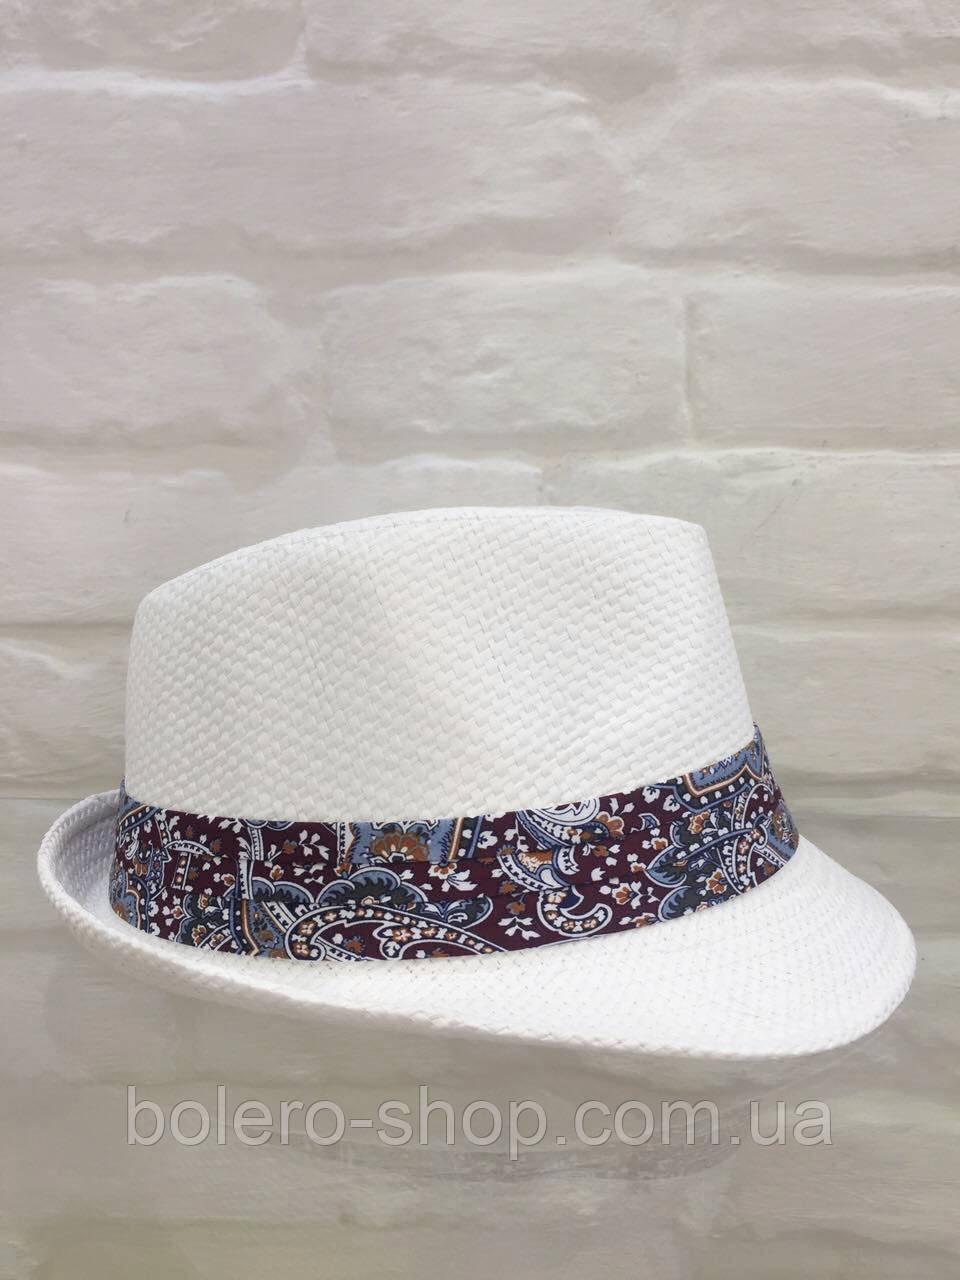 Шляпа женская белая летняя брендовая Италия